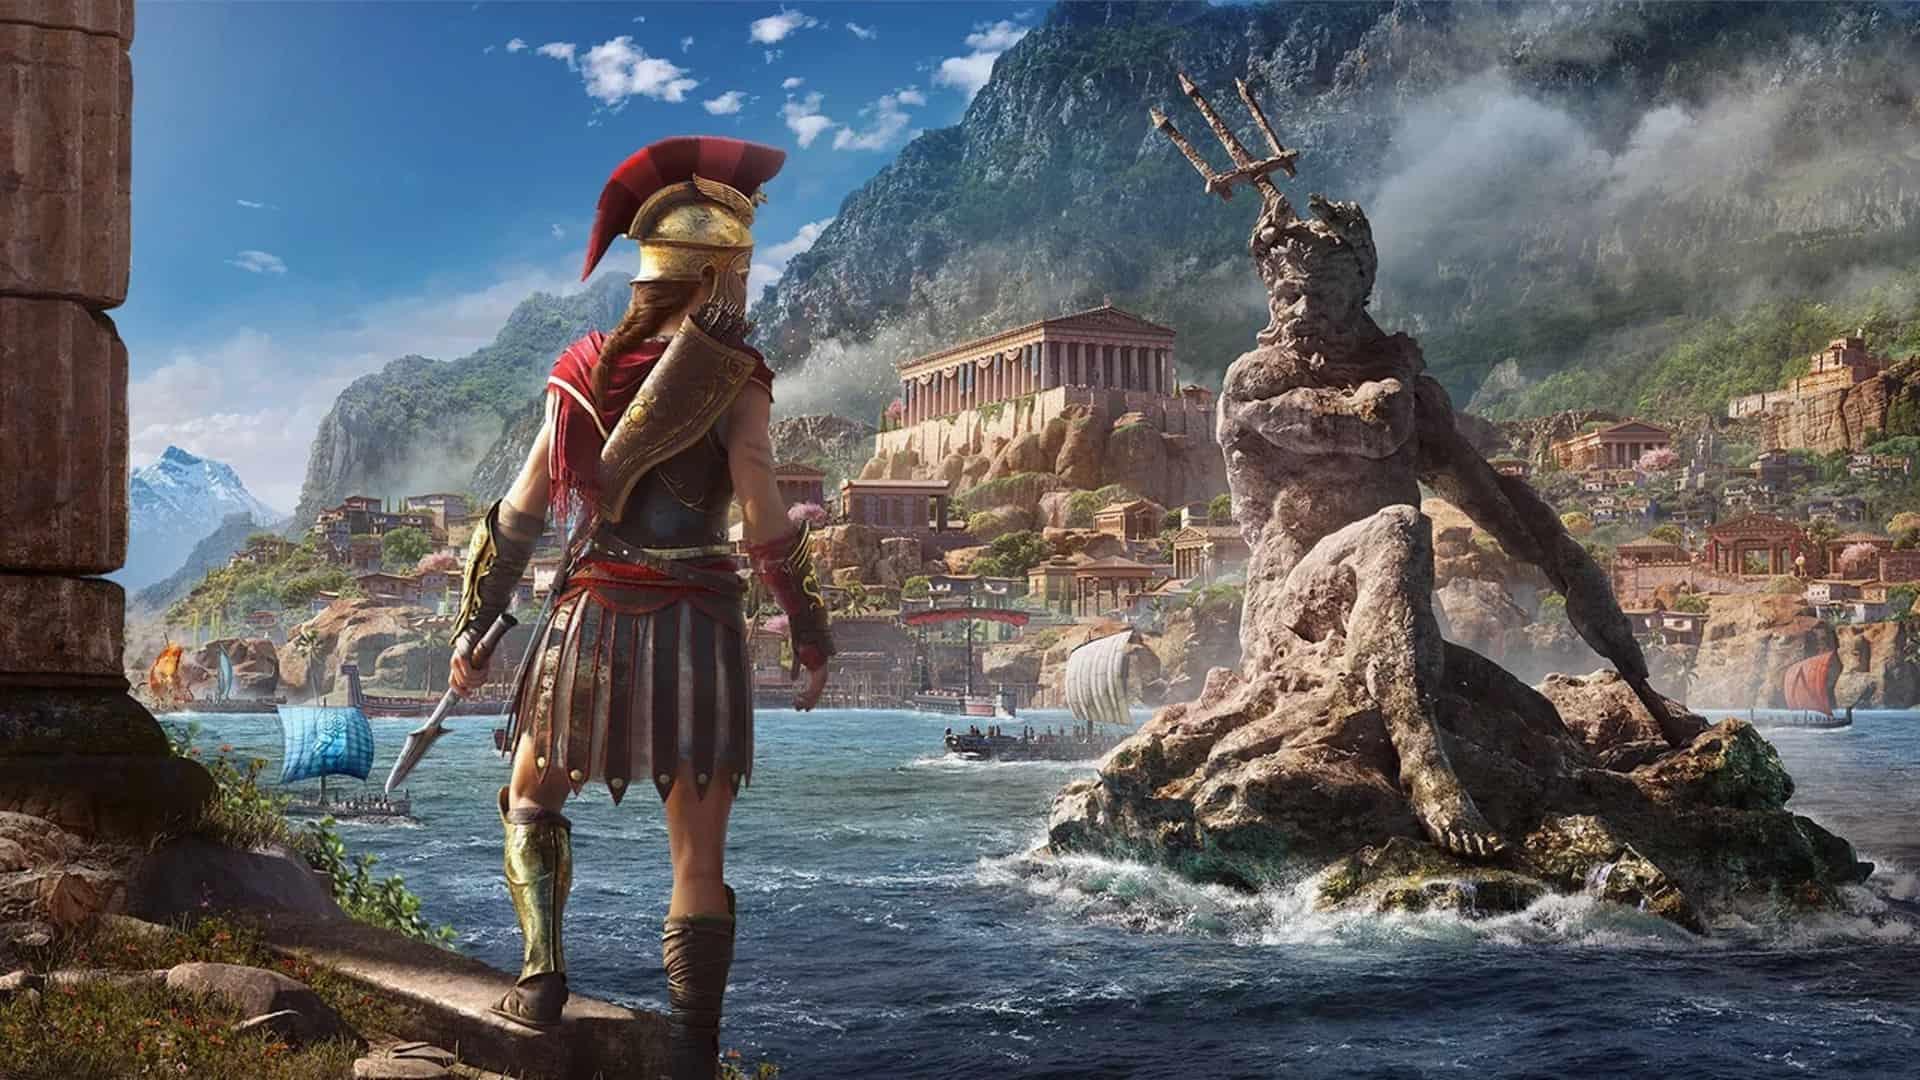 Τα καλύτερα βιντεοπαιχνίδια που μπορούν να σας οδηγήσουν κατευθείαν στην Αρχαία Ελλάδα